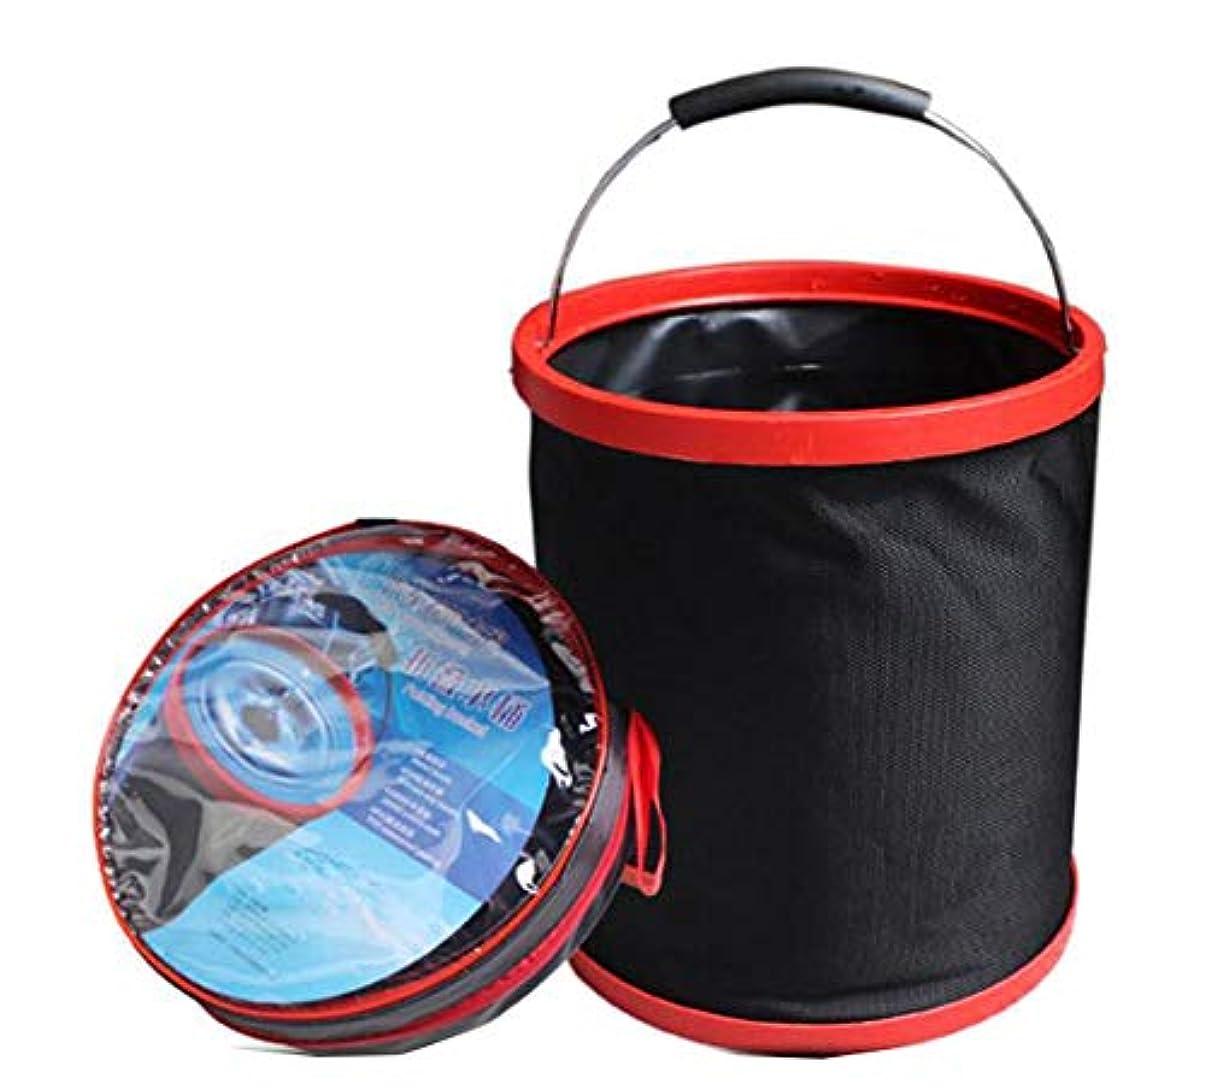 徴収ダメージシャーロックホームズアウトドアキャンプハイキングWash Foldingバケット多機能折りたたみ可能なバケット